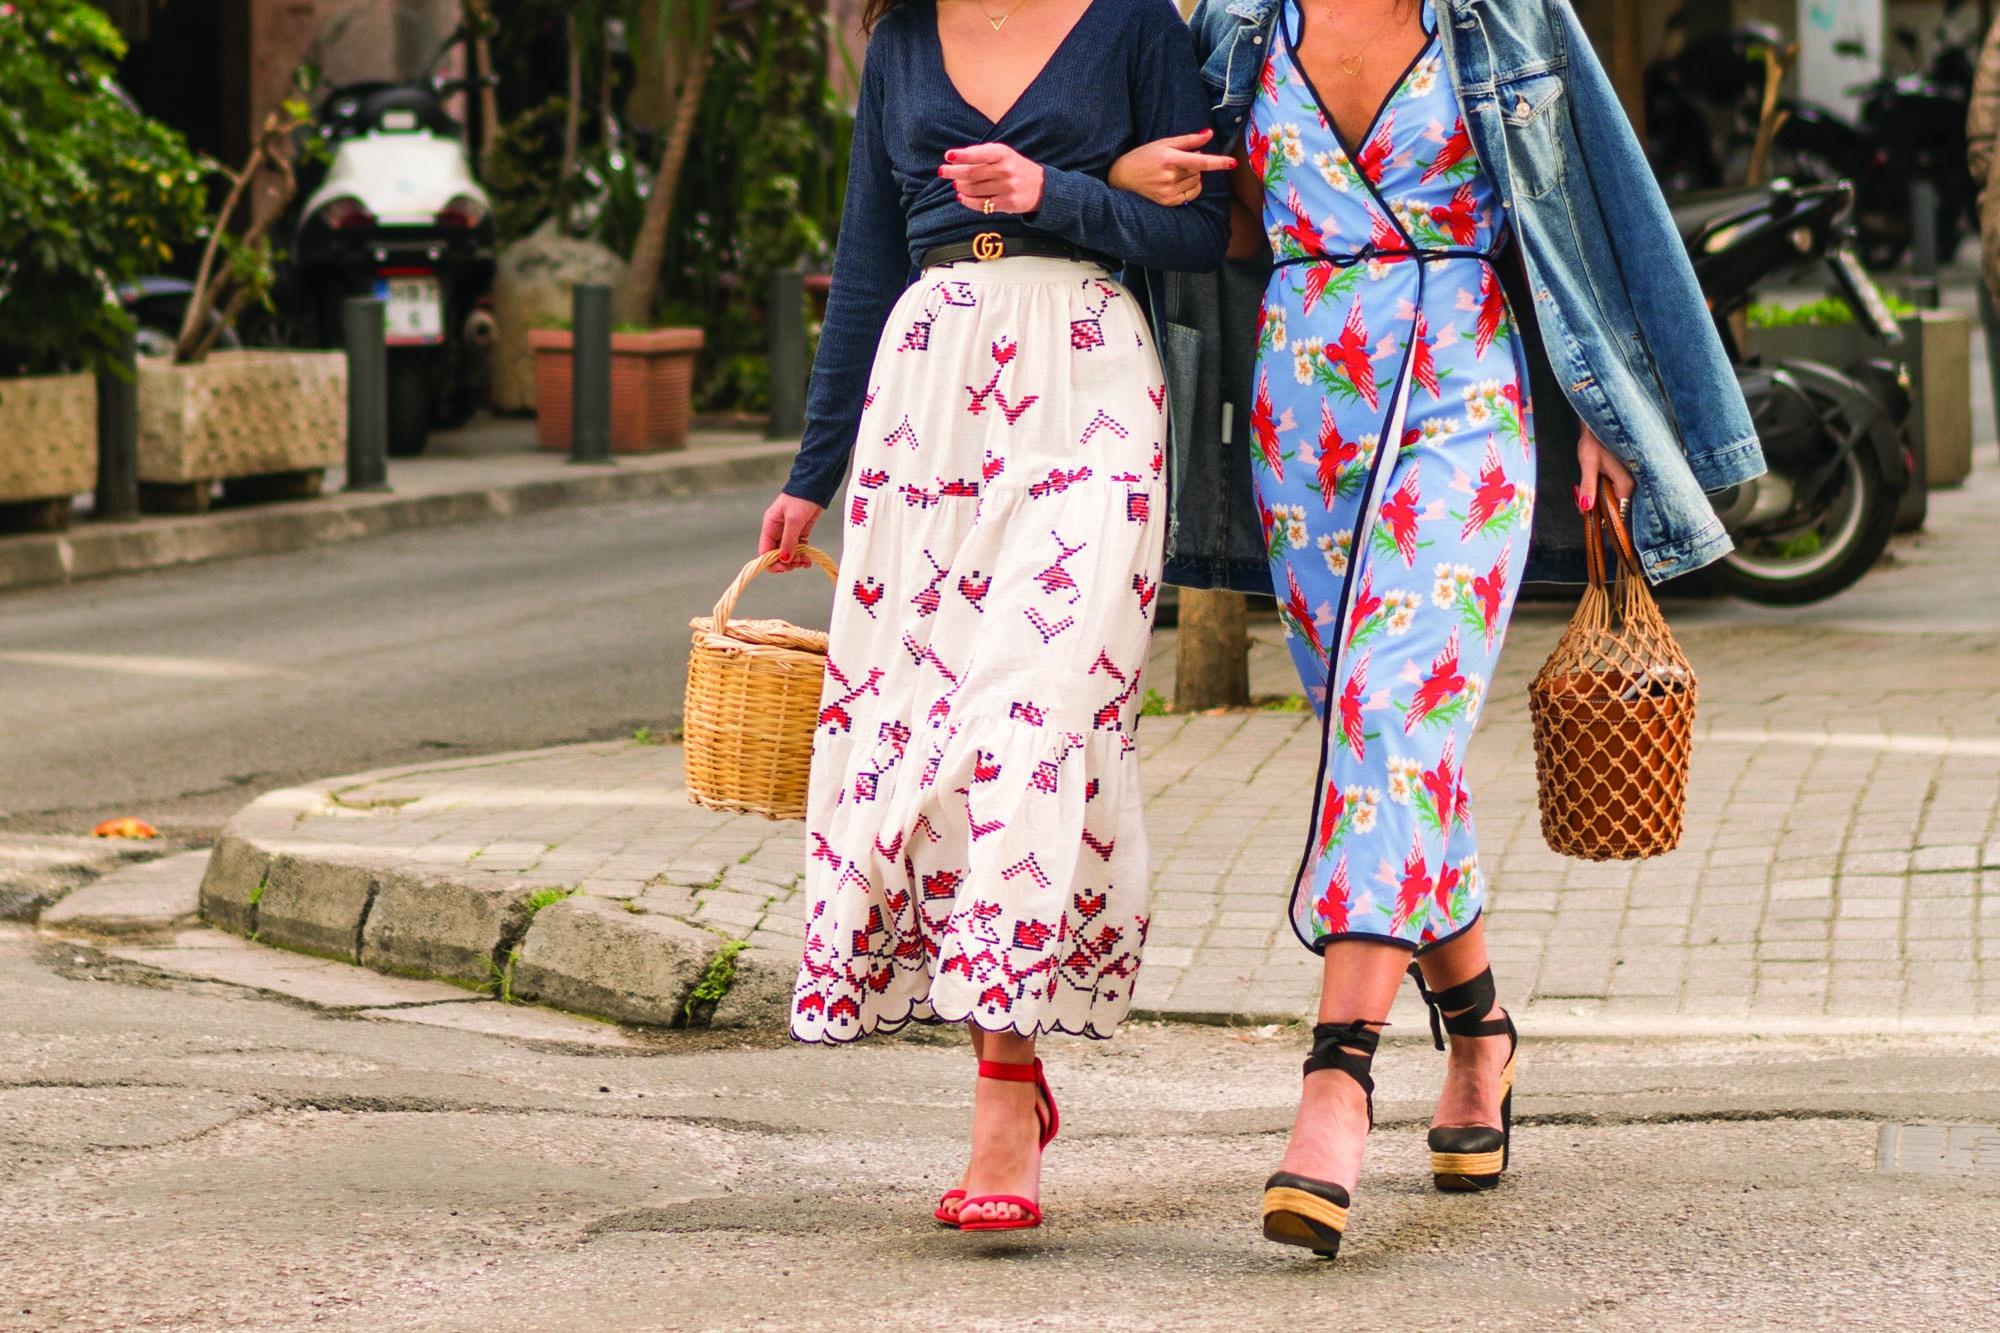 1c50ef96c0b7 Αν λατρεύεις να ταξιδεύεις ή να κάνεις ατελείωτες βόλτες στην πόλη και  θέλεις να φοράς ρούχα που θα σε κάνουν να νιώθεις άνετα και παράλληλα  στυλάτα.